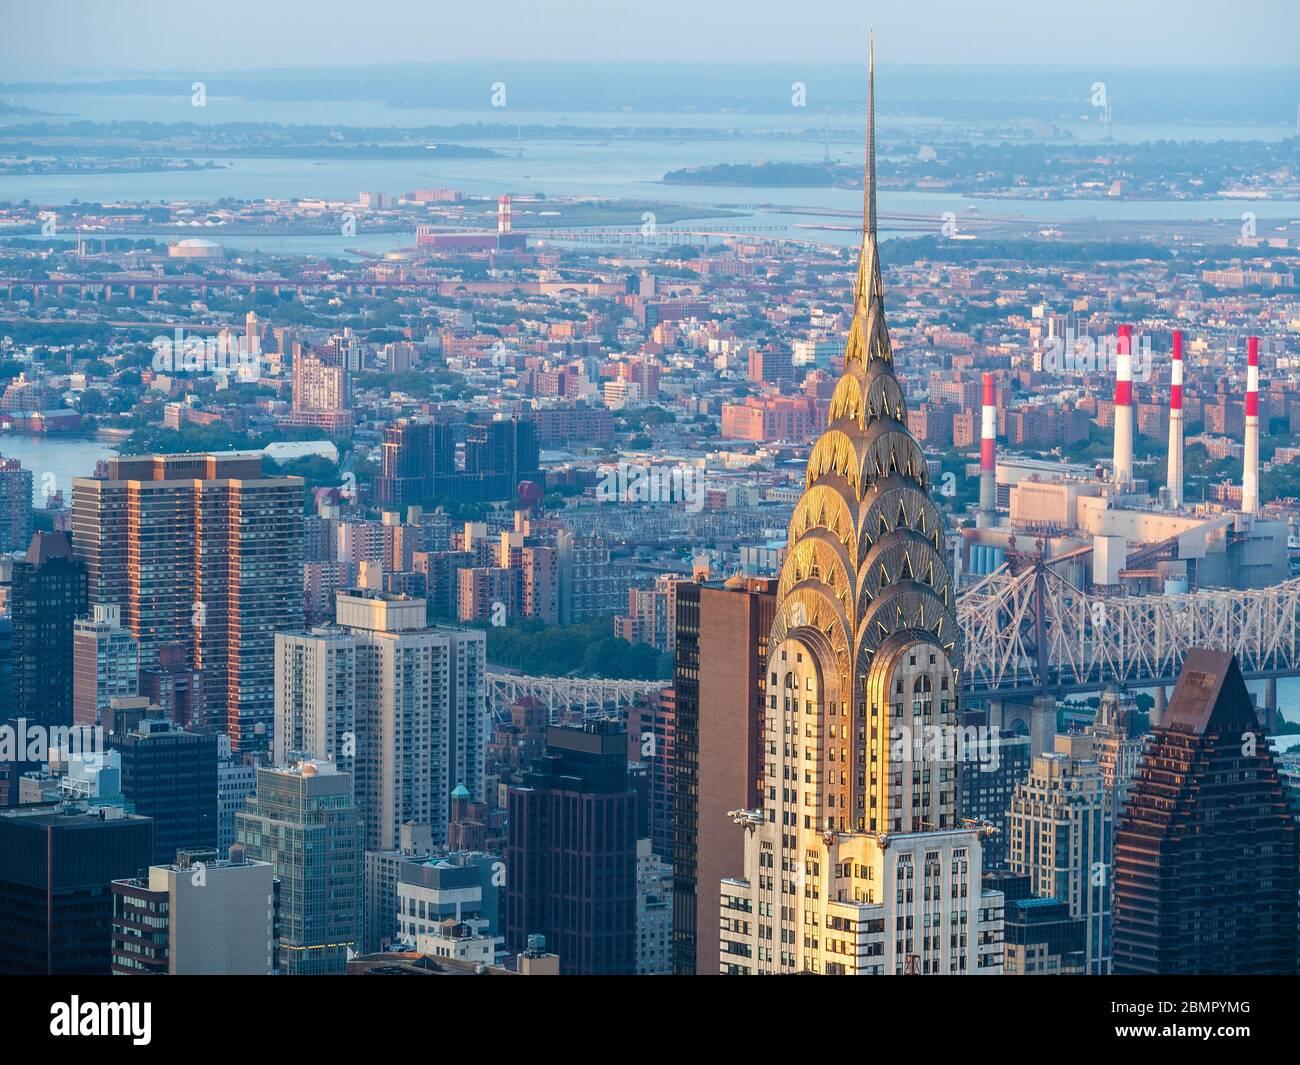 Horizon de New York, y compris le monument architectural Chrysler Building à Manhattan, New York, États-Unis d'Amérique. Banque D'Images